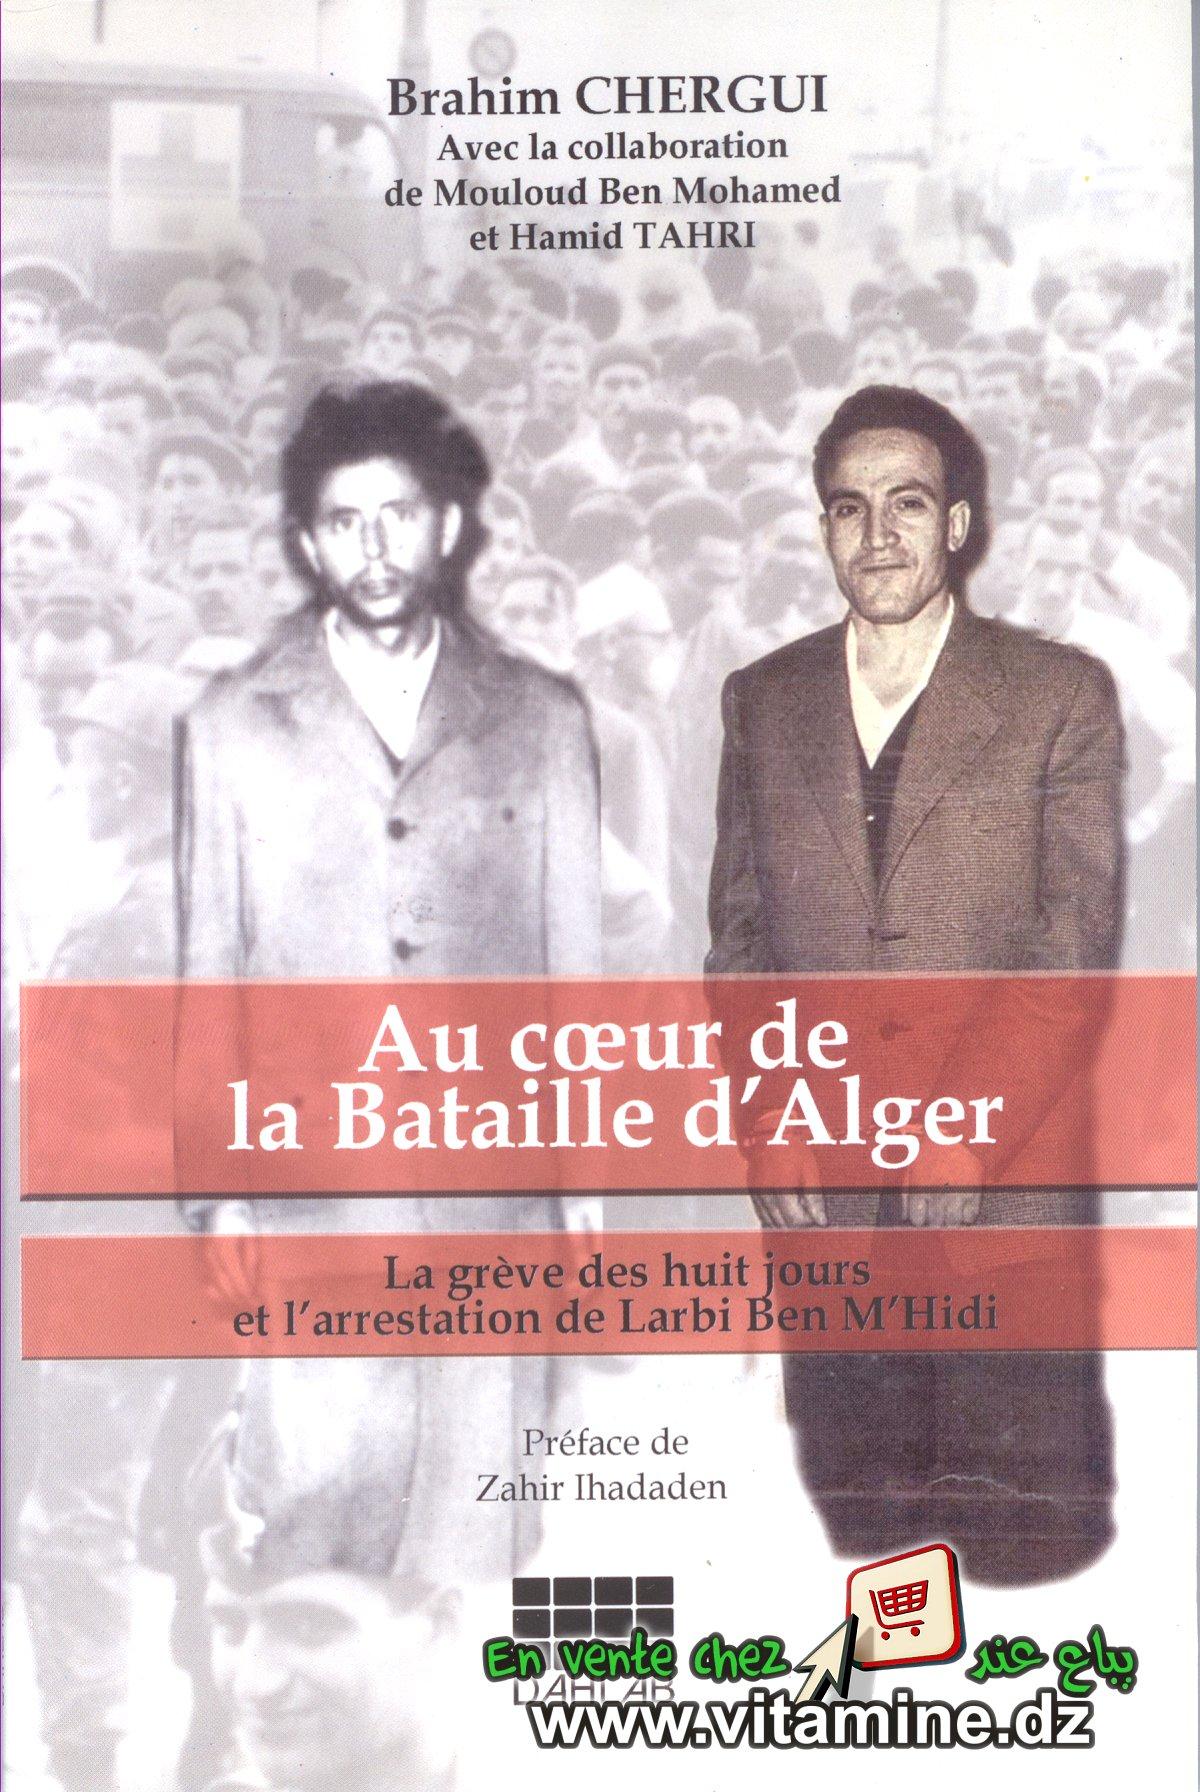 Brahim Chergui - Au coeur de la Bataille d'Alger. La grève des huit jours et l'arrestation de Larbi Ben M'hidi.